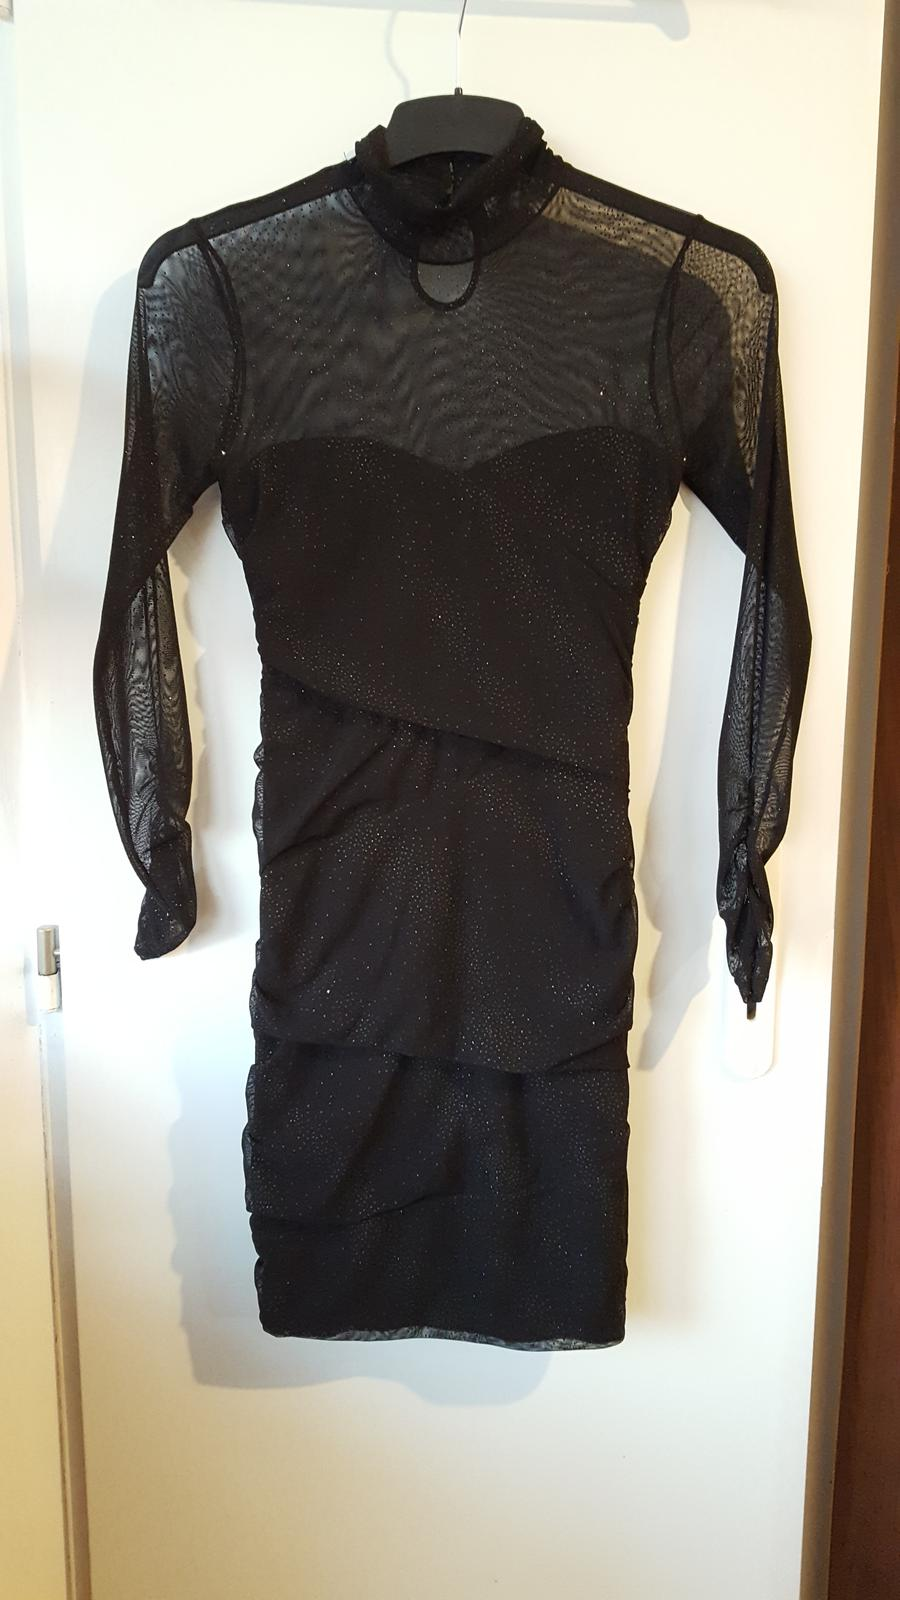 Elegantní černé šaty na tělo s třpytky - Obrázek č. 1